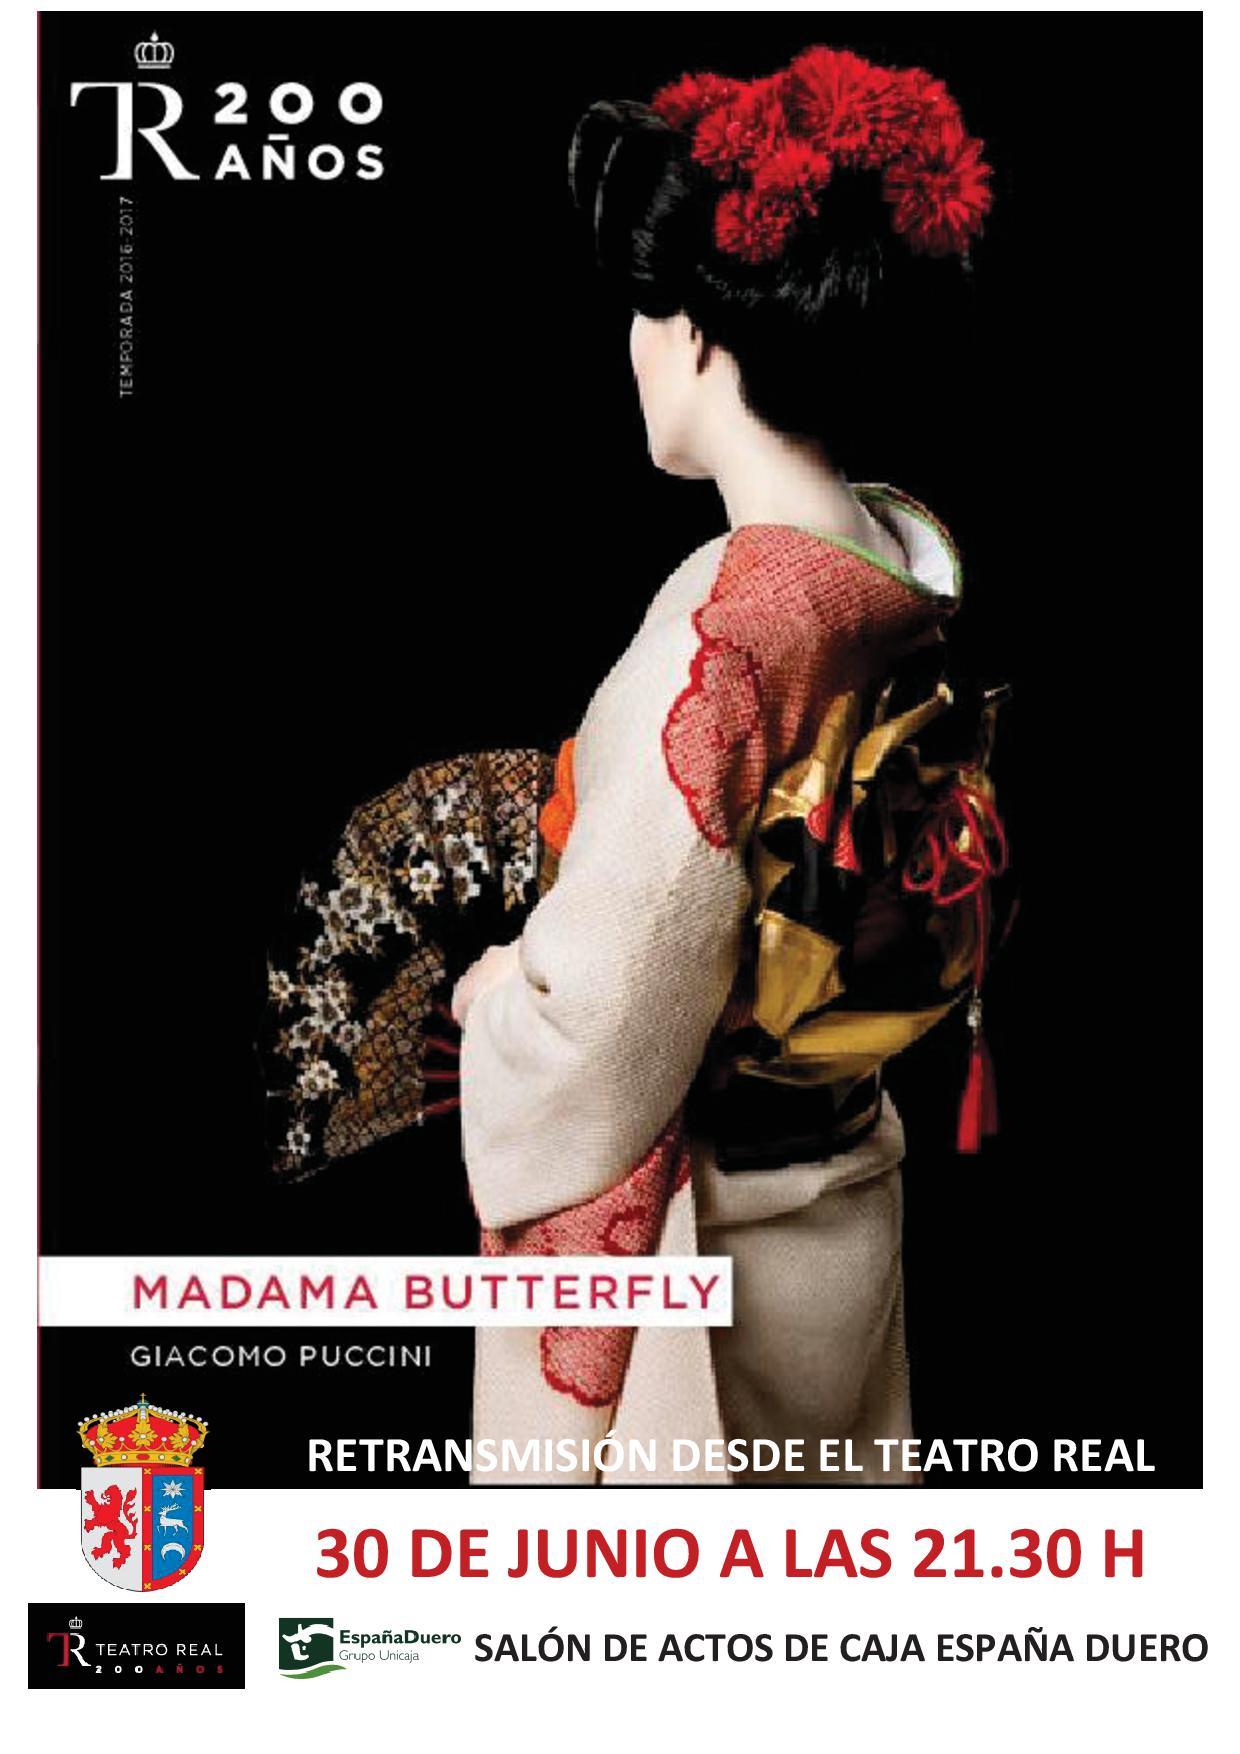 Madama Butterfly. Retransmisión desde el Teatro Real en el Salón de Actos de Caja España Duero